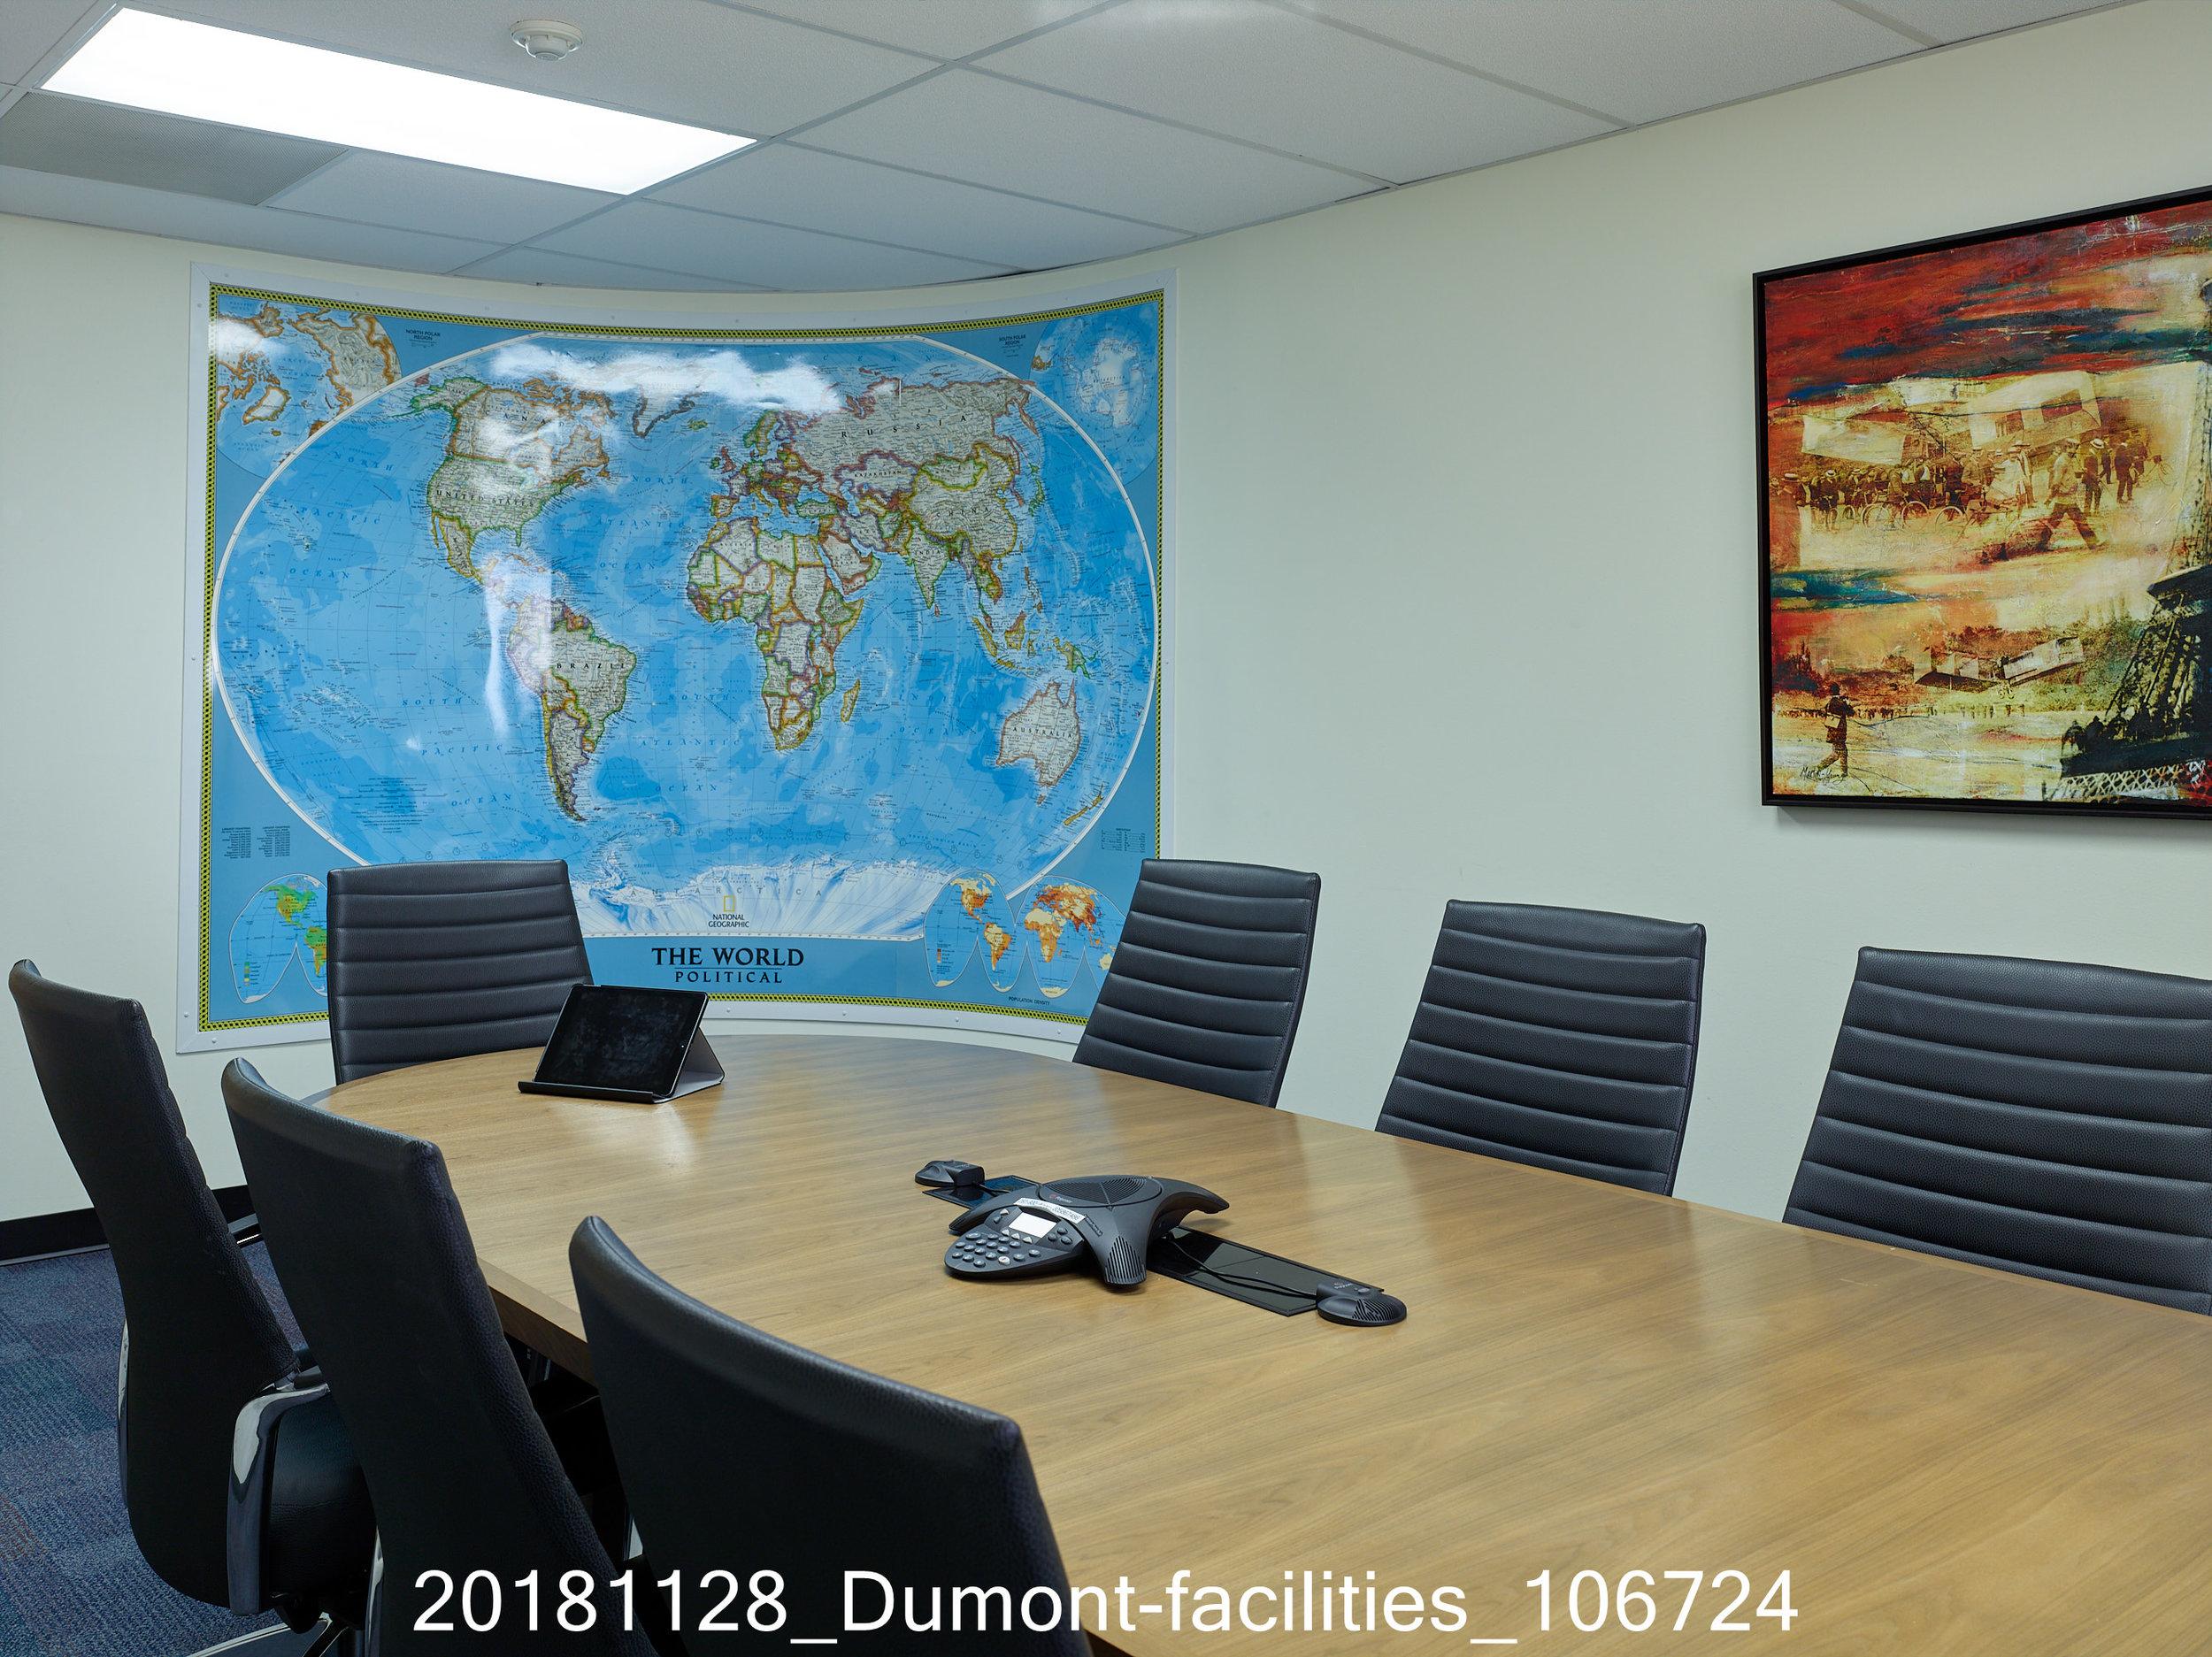 20181128_Dumont-facilities_106724.jpg